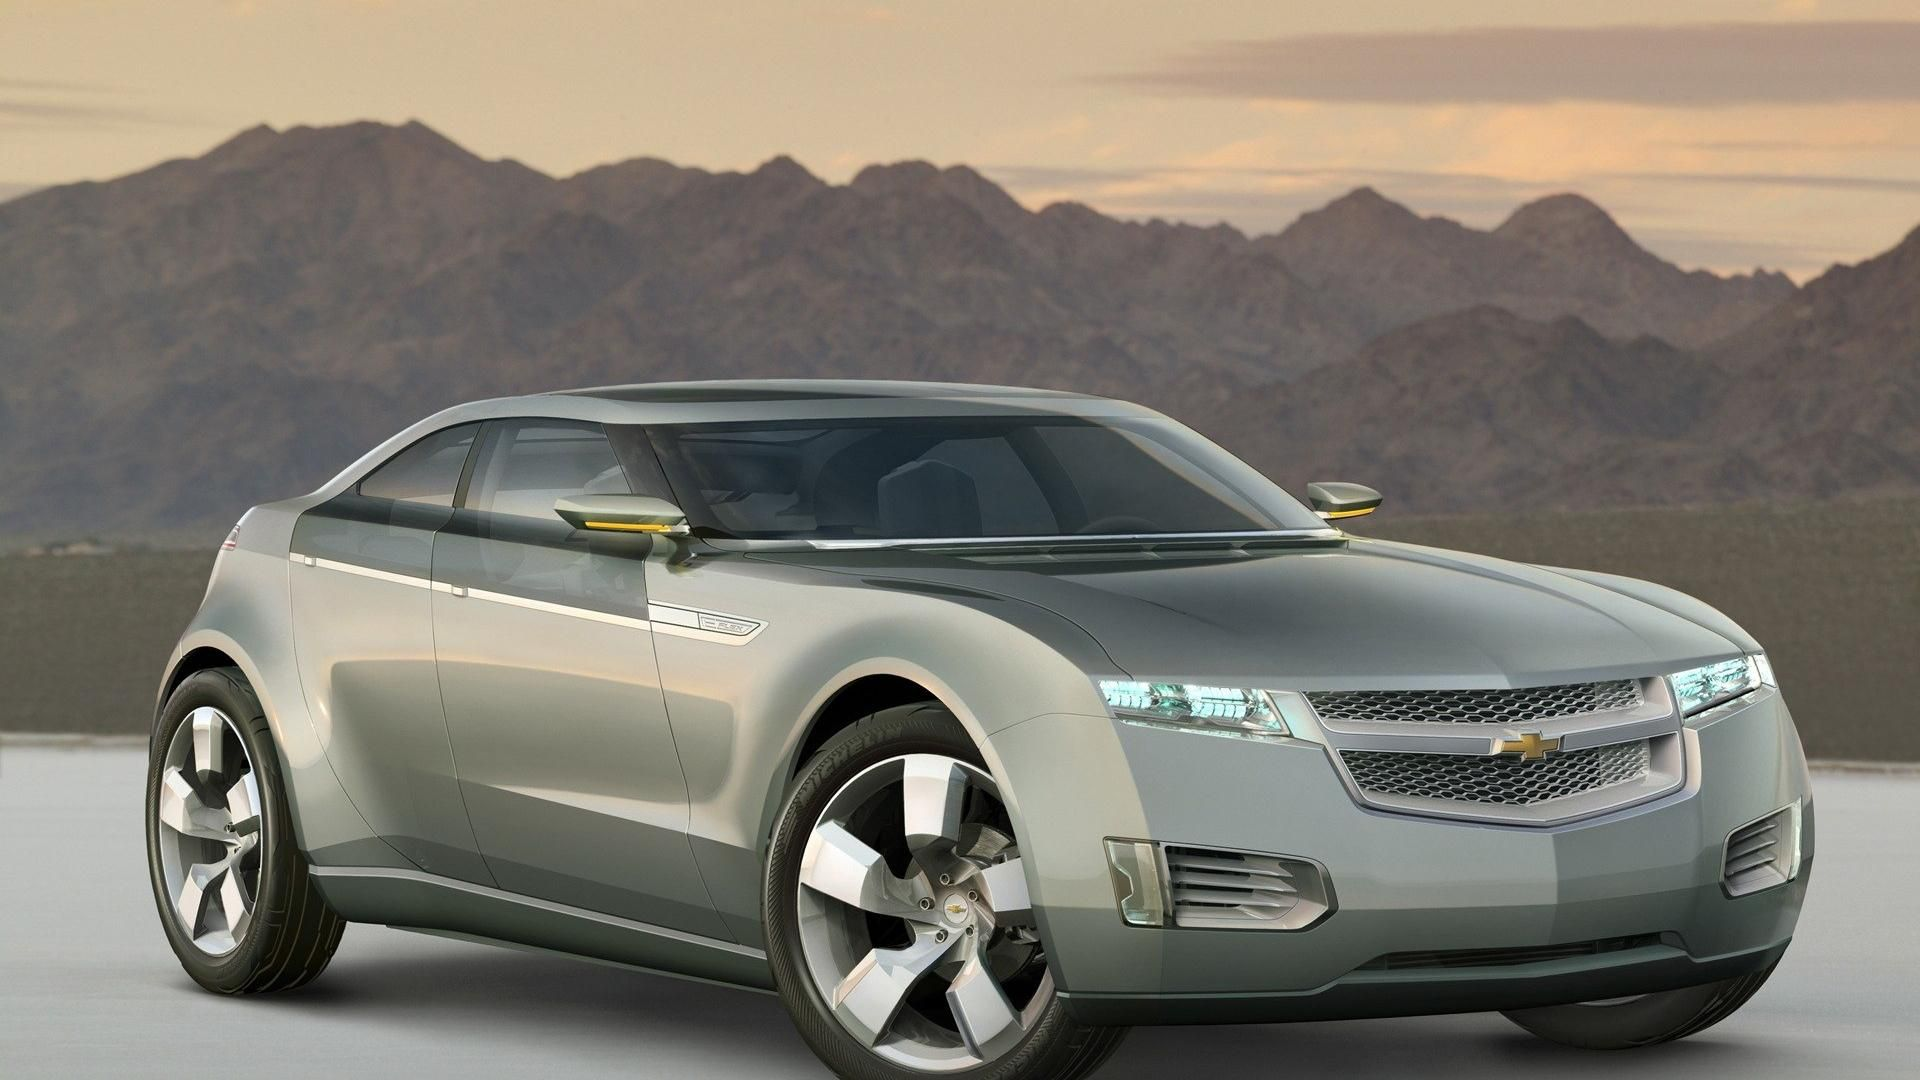 Chevrolet Volt nació como un vehículo concept, un prototipo con mirada al futuro. Ahora es toda una realidad en algunos países.